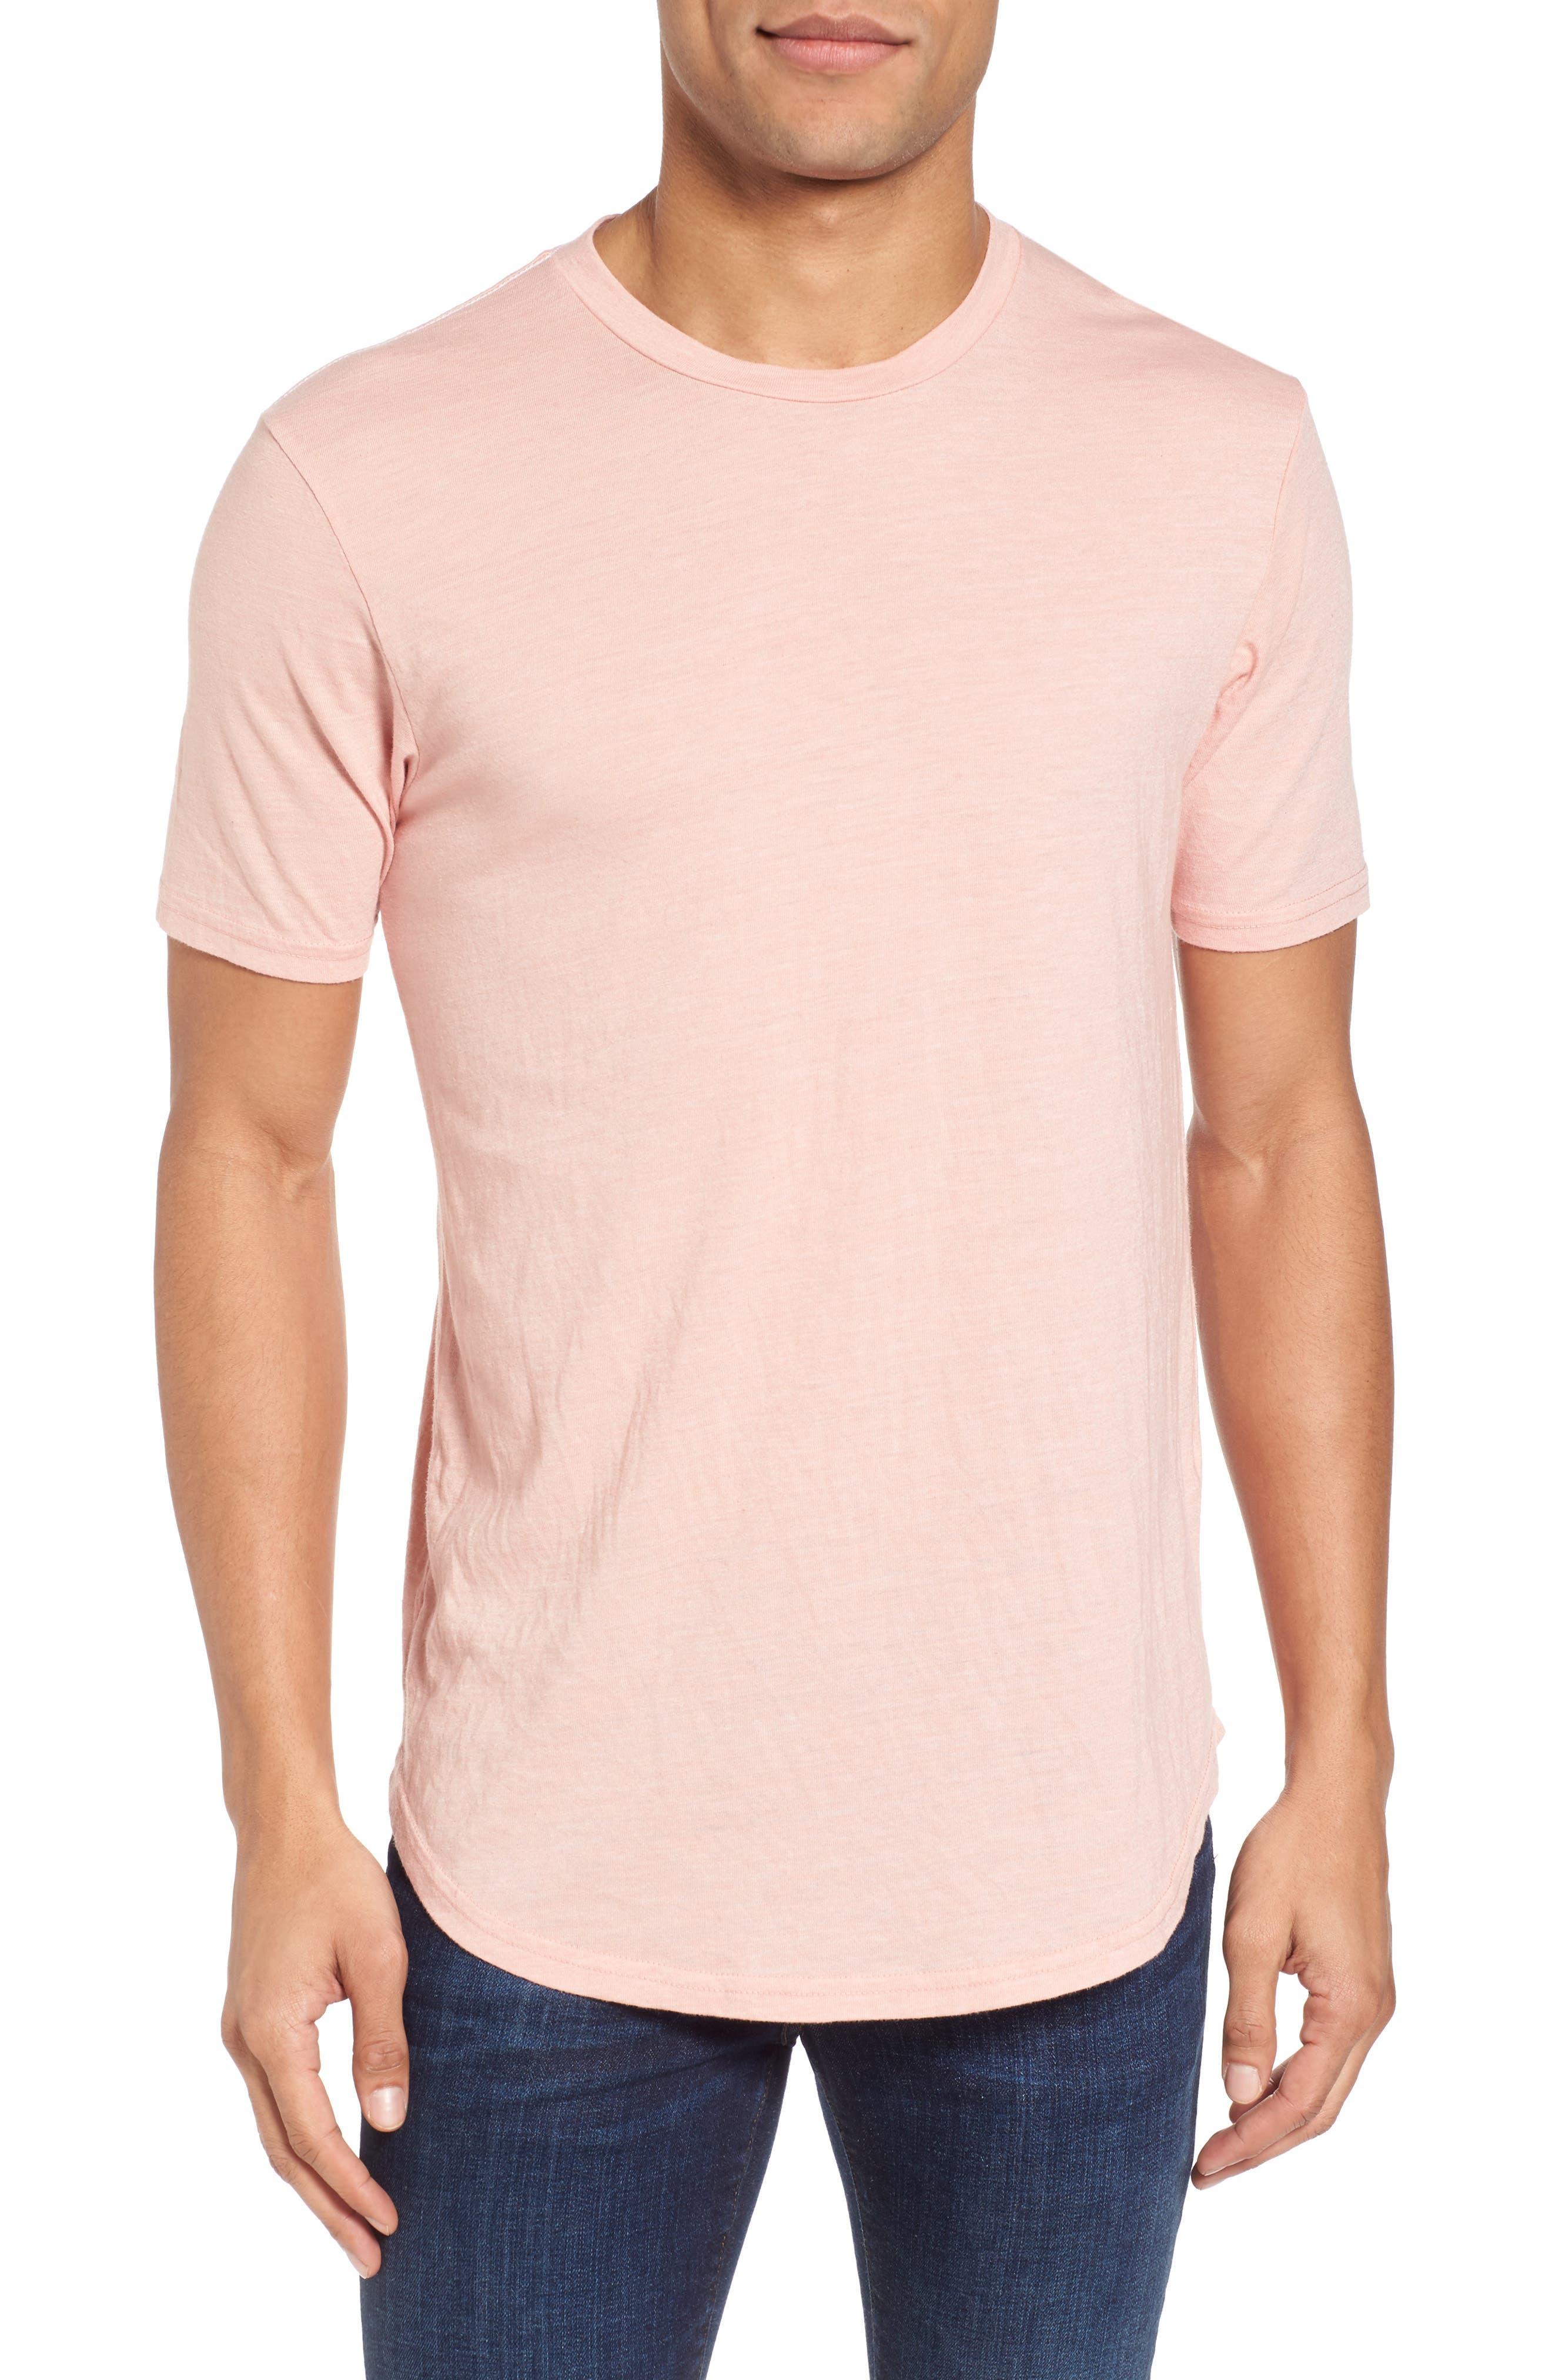 Alternate Image 1 Selected - Goodlife Crewneck T-Shirt